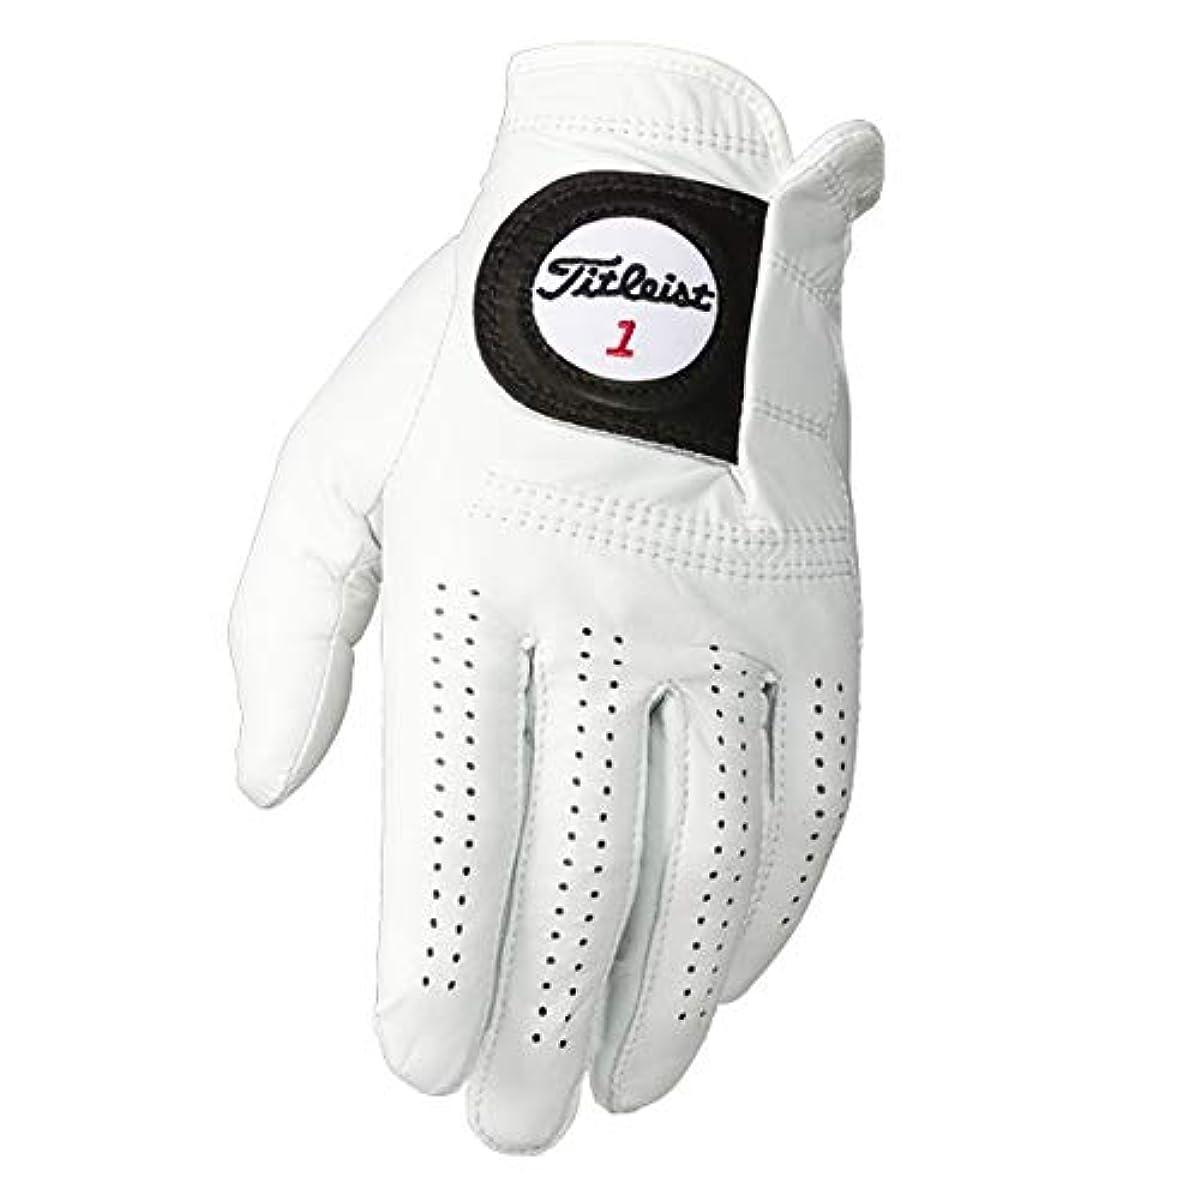 [해외] TITLEIST PLAYERS-FLEX 맨즈 CAD LH 펄 골프 글러브 왼손 착용 L 화이트